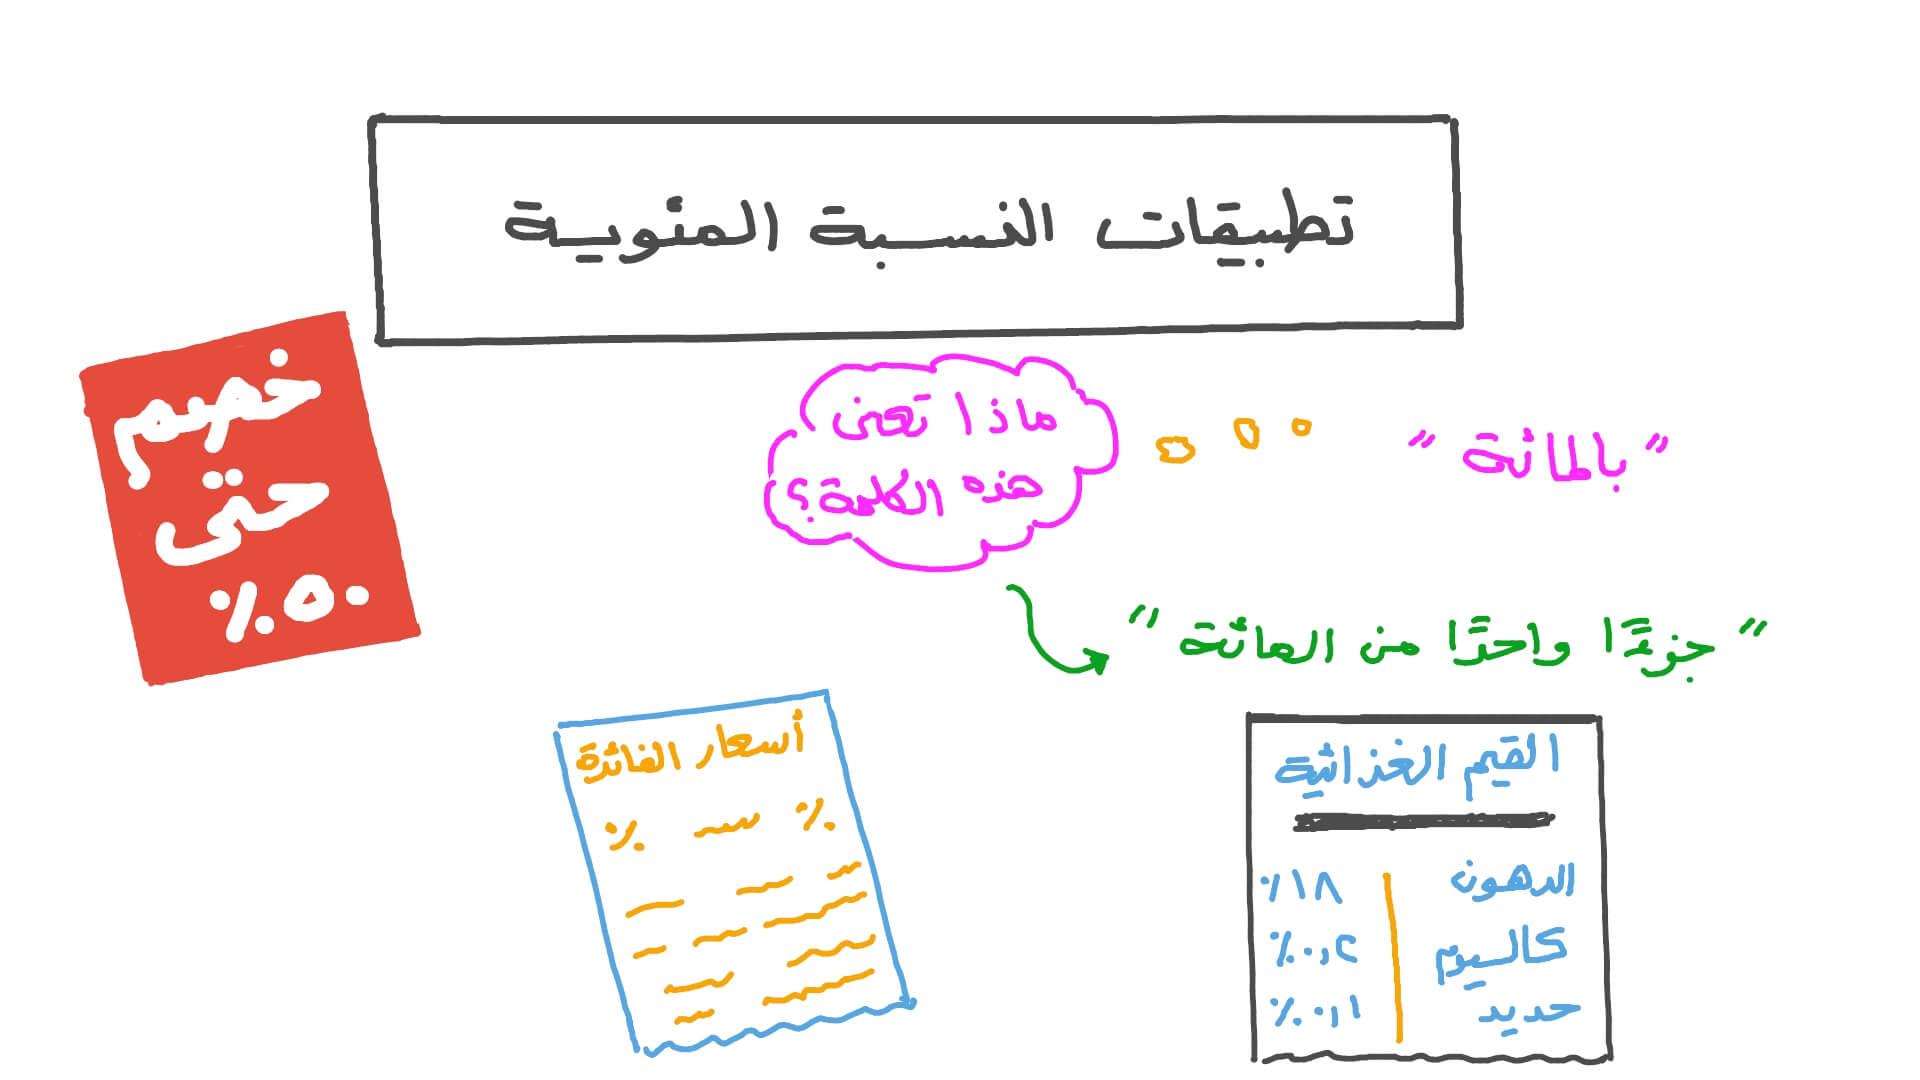 فيديو الدرس تطبيقات النسبة المئوية نجوى